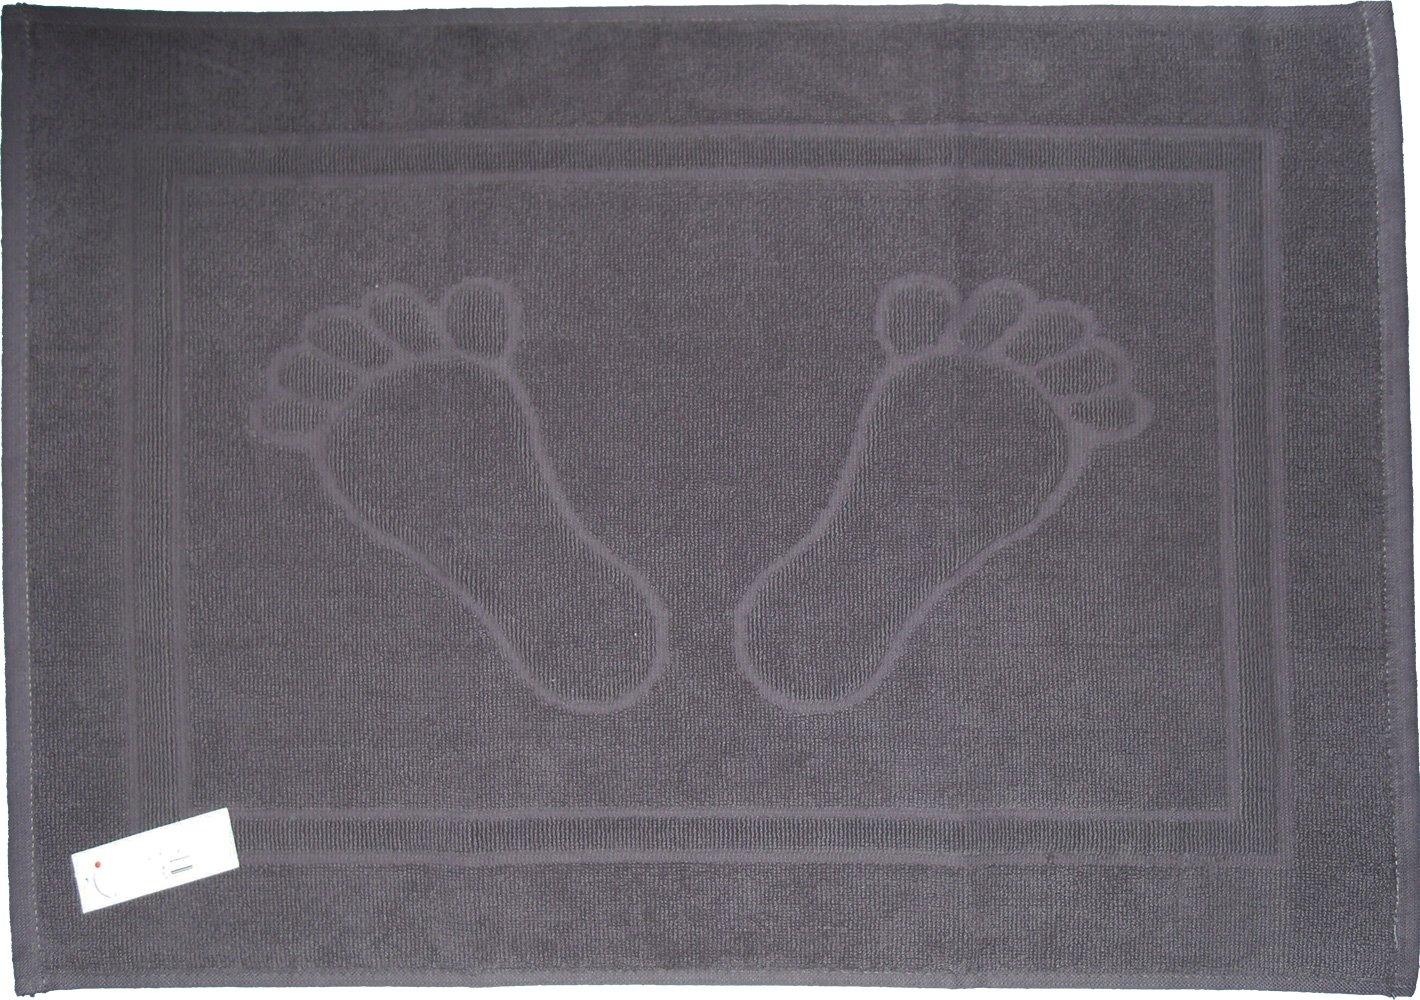 Alfombrilla de ducha, alfombra de baño, de tejido de rizo, toallas de baño, 50 x 70 cm, diseño de pies, colour sólido, de baño, 100% de algodón, 100% algodón, blanco, 50 cm x 70 cm